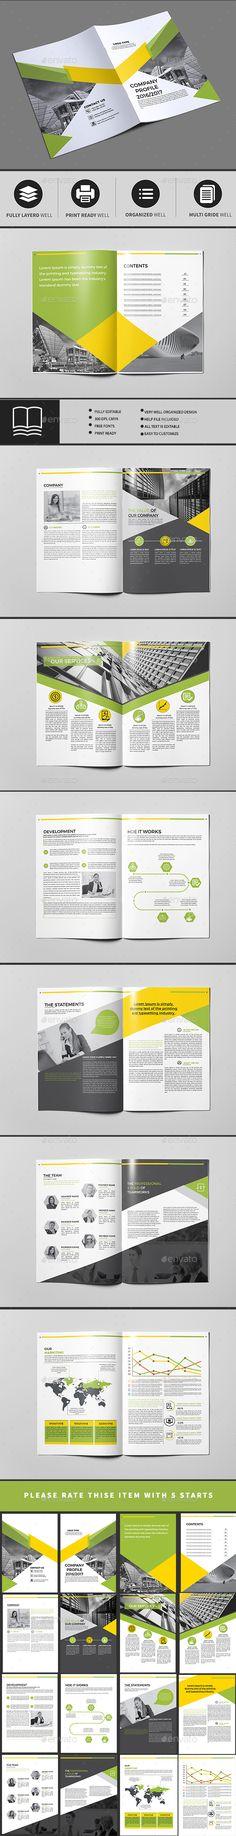 Corporate Business Brochure  Business Brochure Corporate